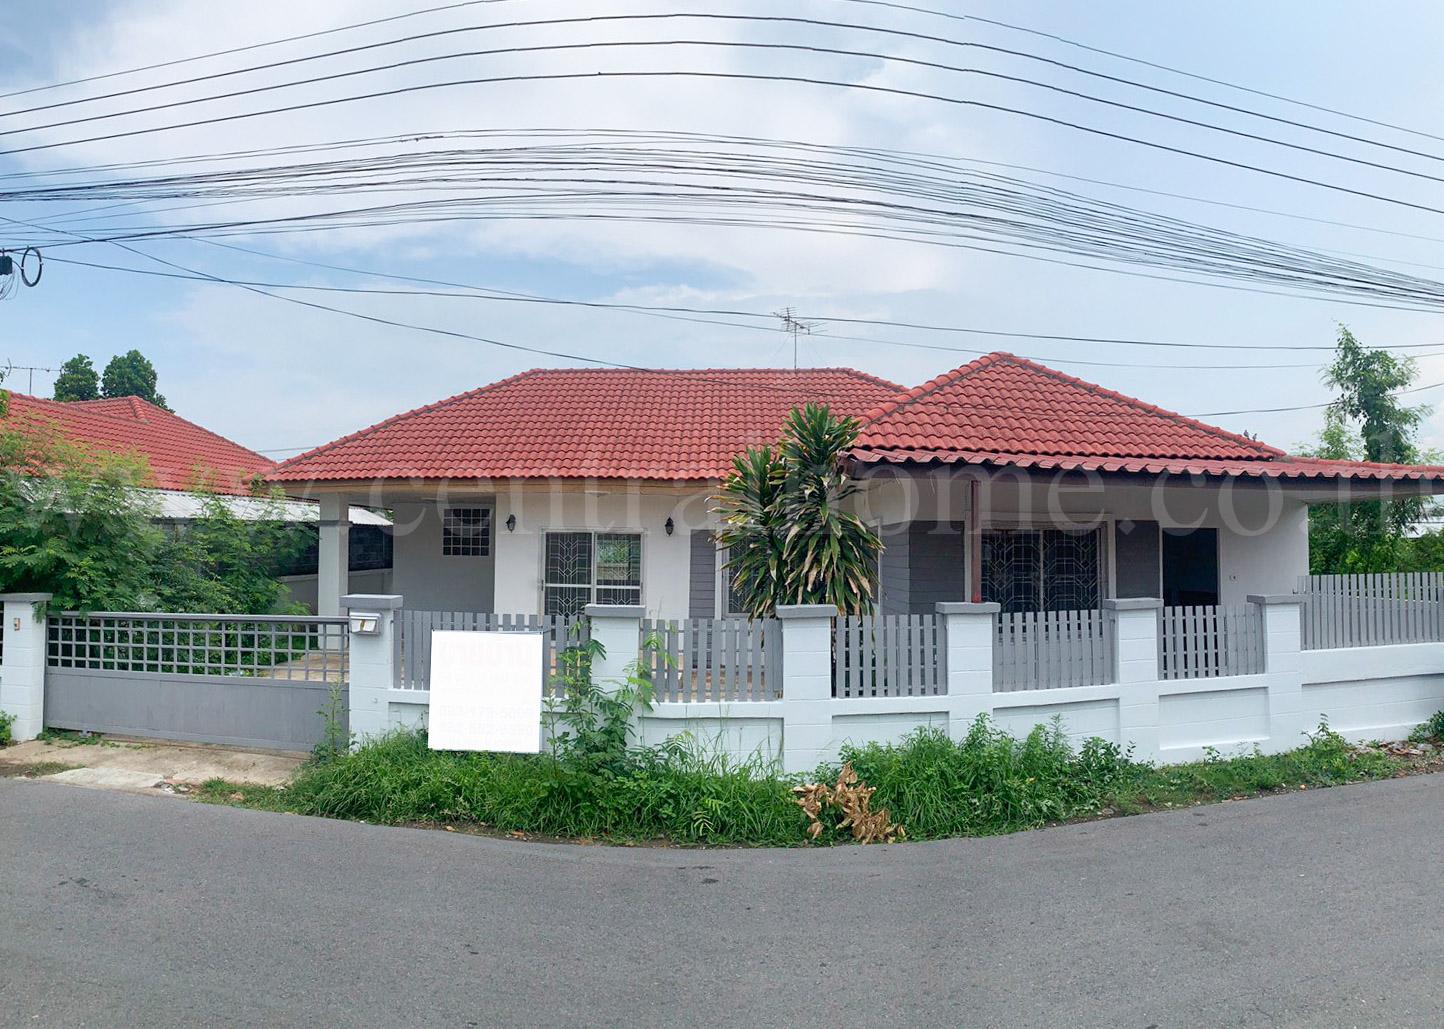 ภาพบ้านเดี่ยว หมู่บ้าน พรจิรา รังสิต - คลอง 7